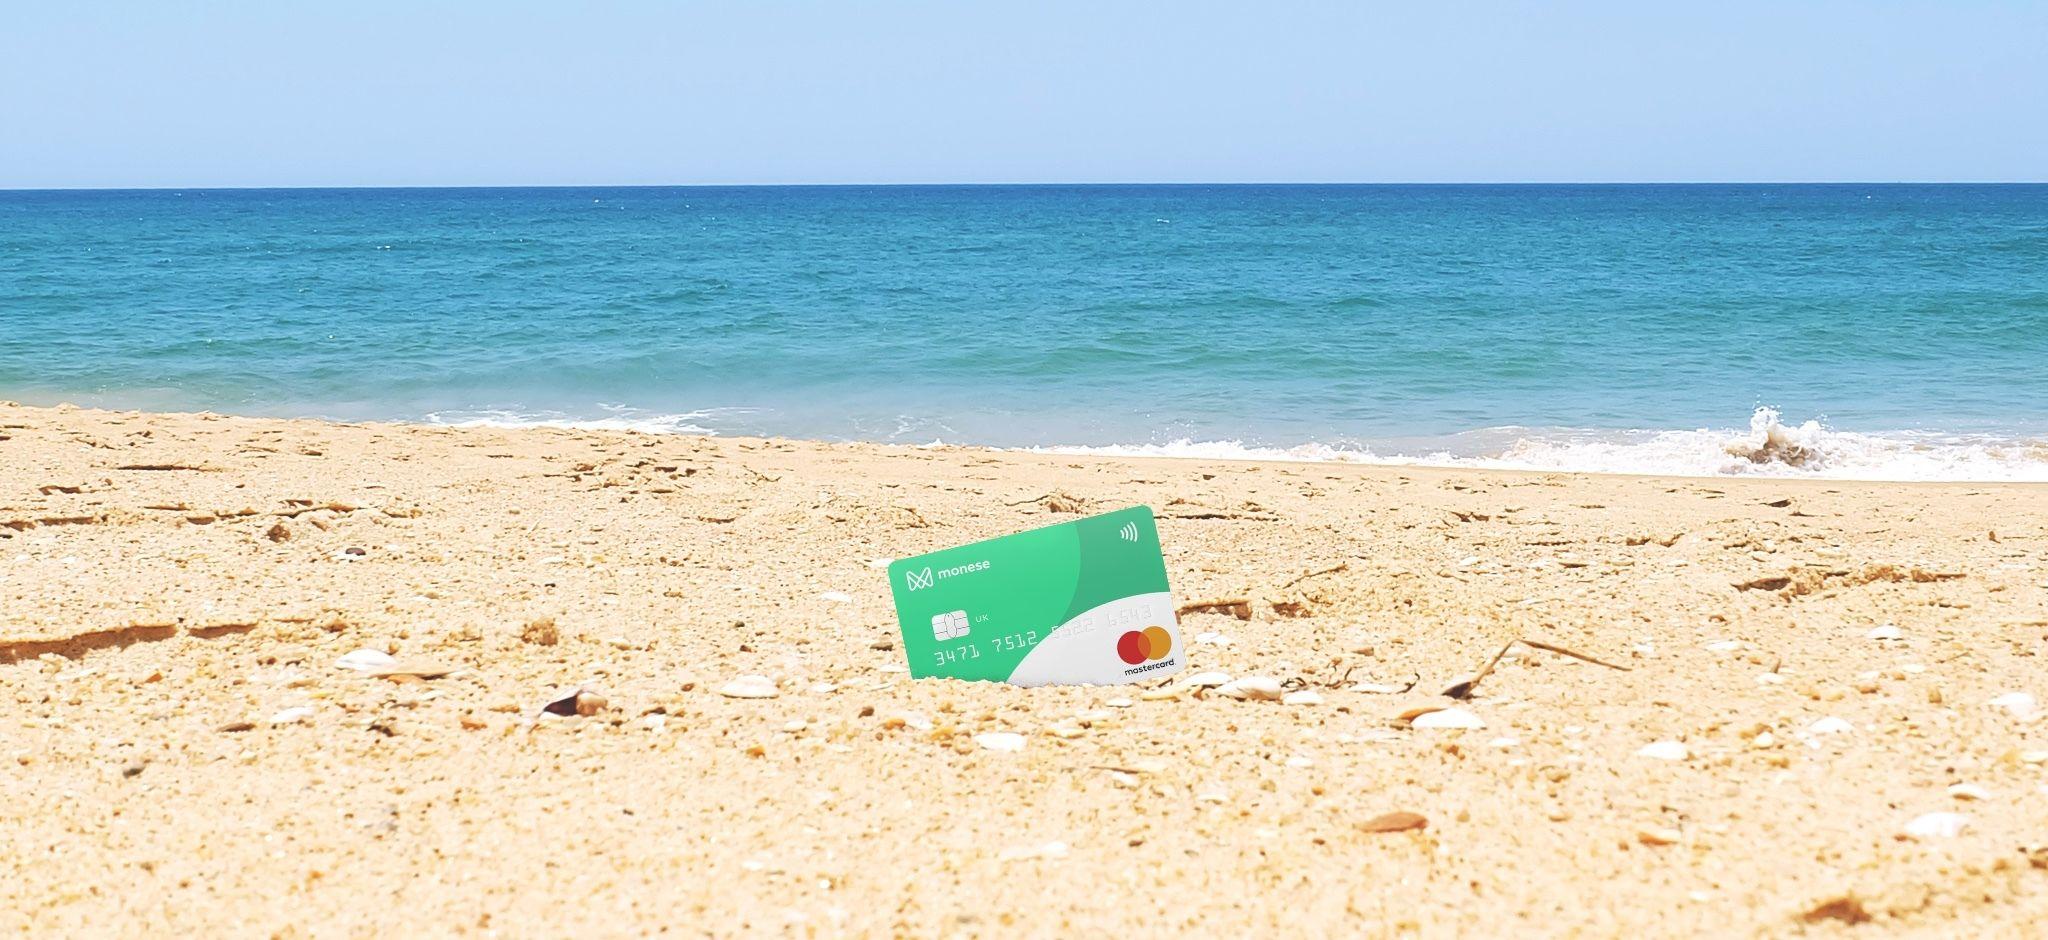 card_3_xlg_27c1268297525baf05d5ca1476dd7975.jpg